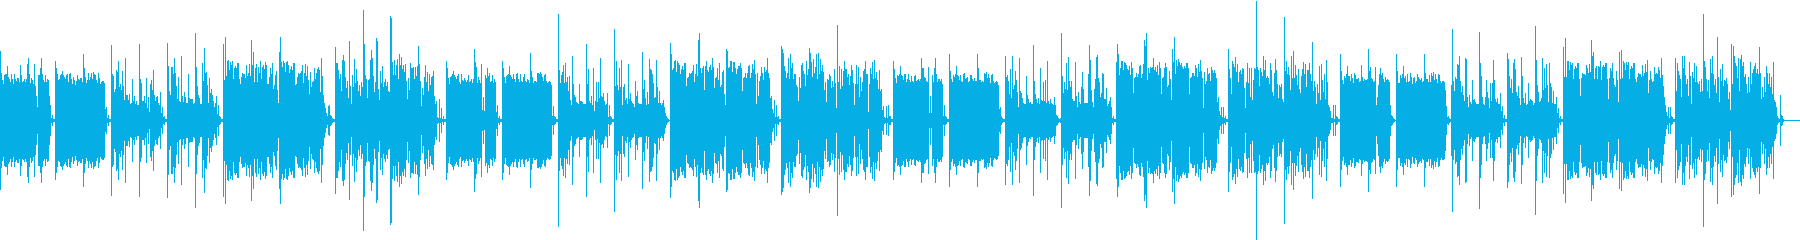 Youtube 作業bgmの再生済みの波形